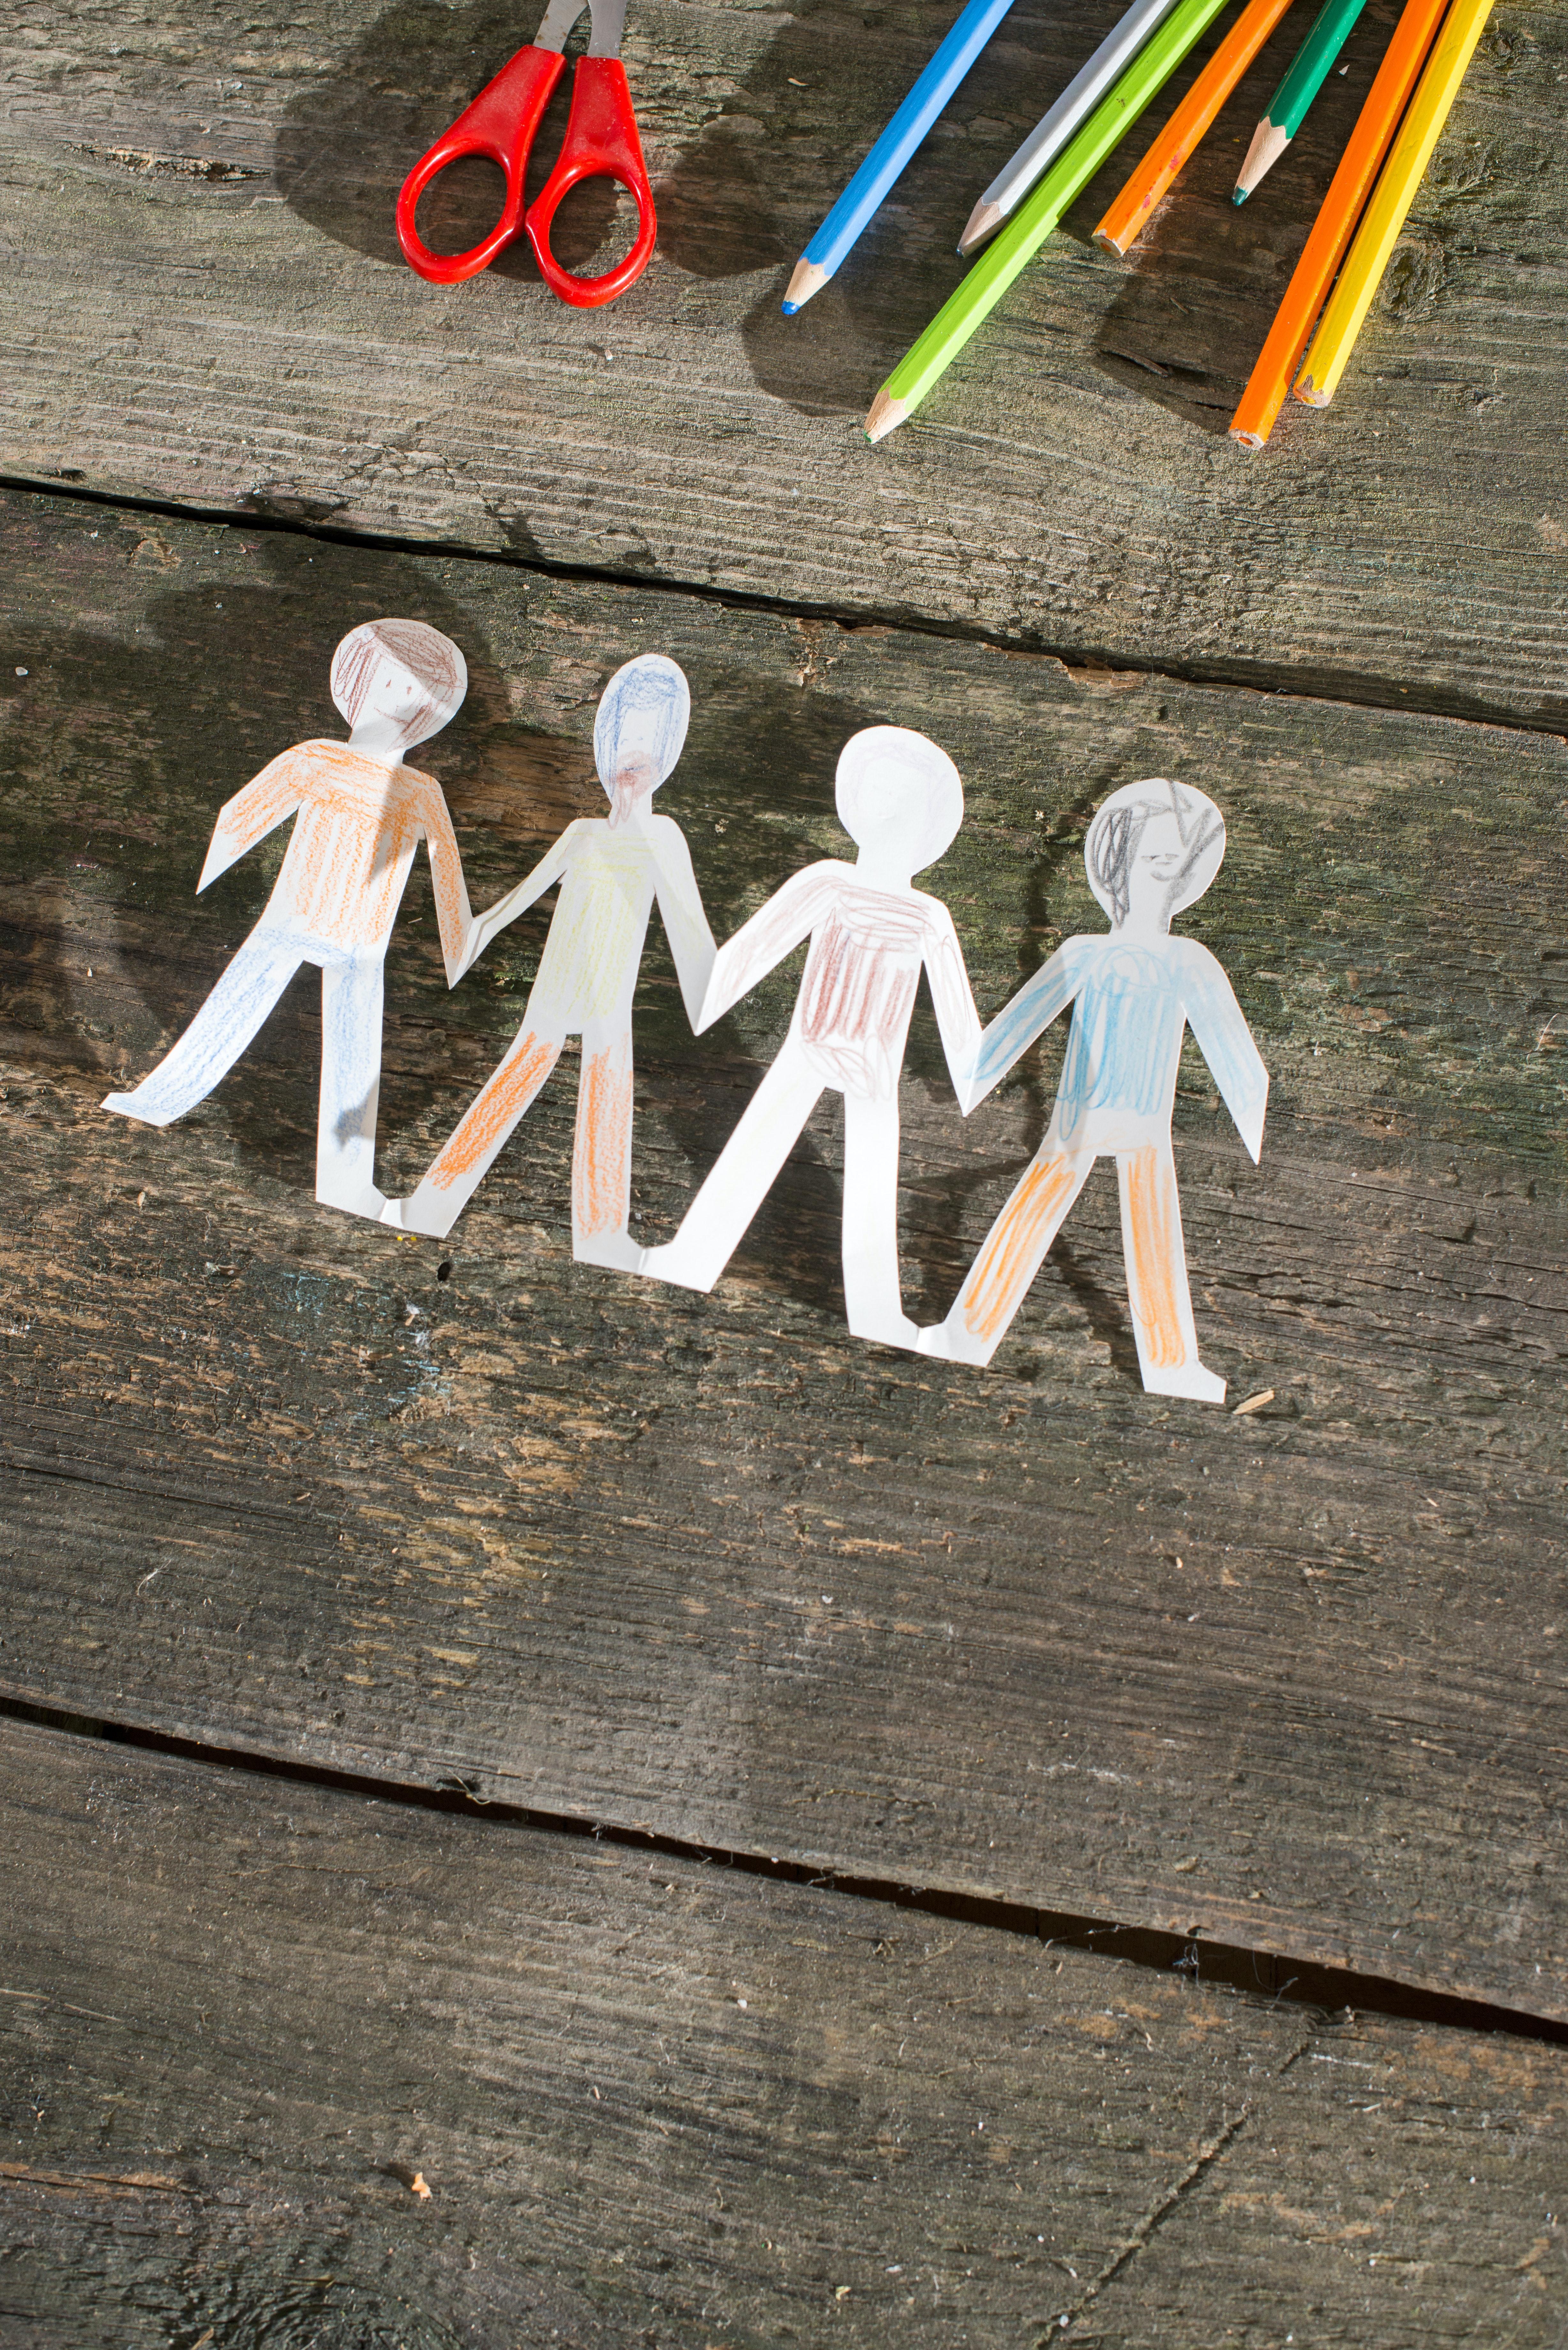 Papiermensch symbolbild sozialarbeiter gehalt.4ad6bb44ab17a616e747e255f214bc62c